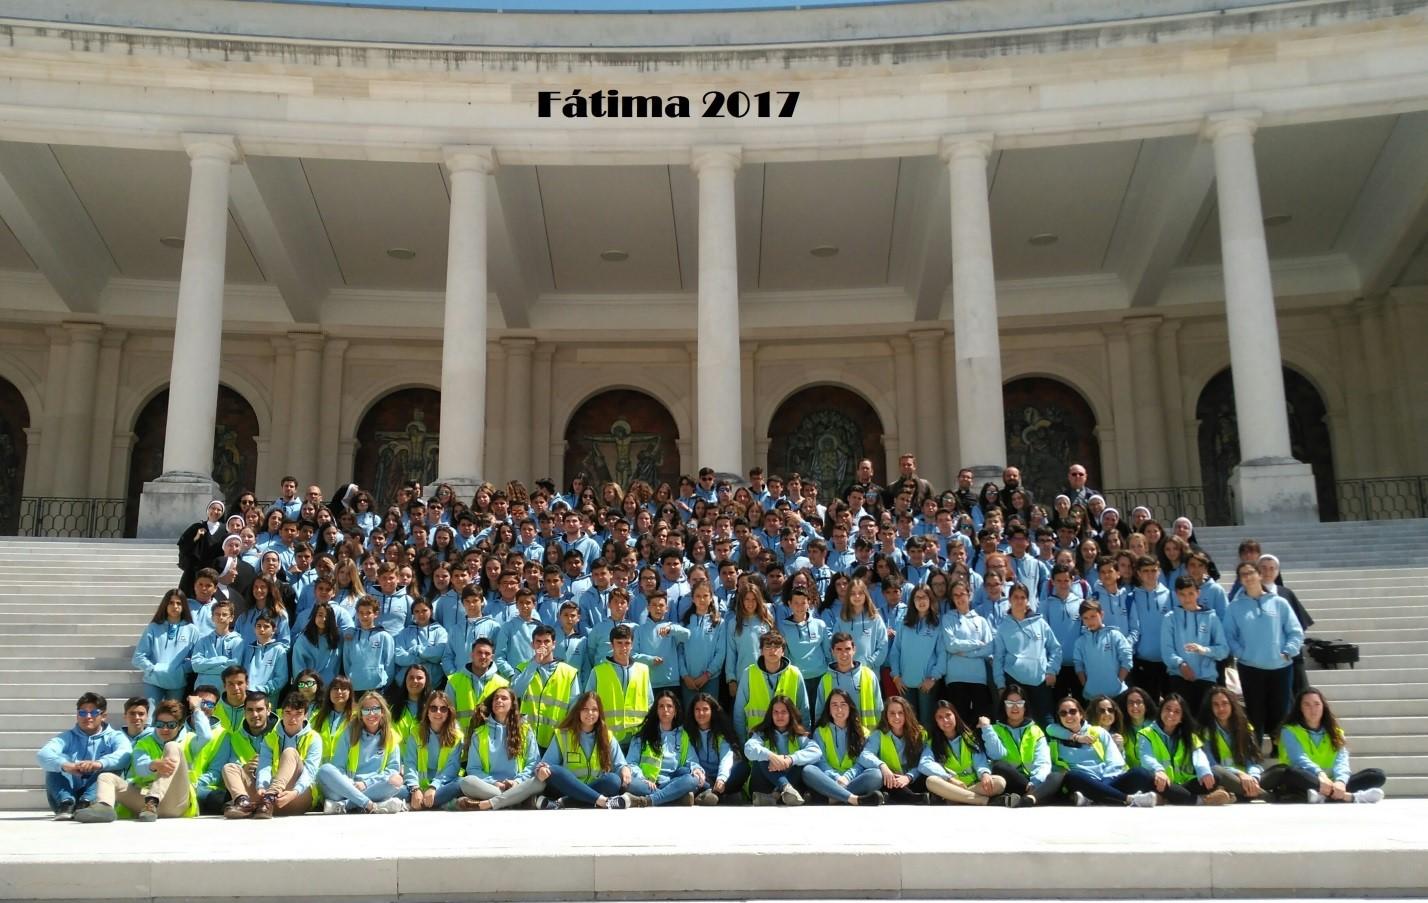 El Colegio en Fátima